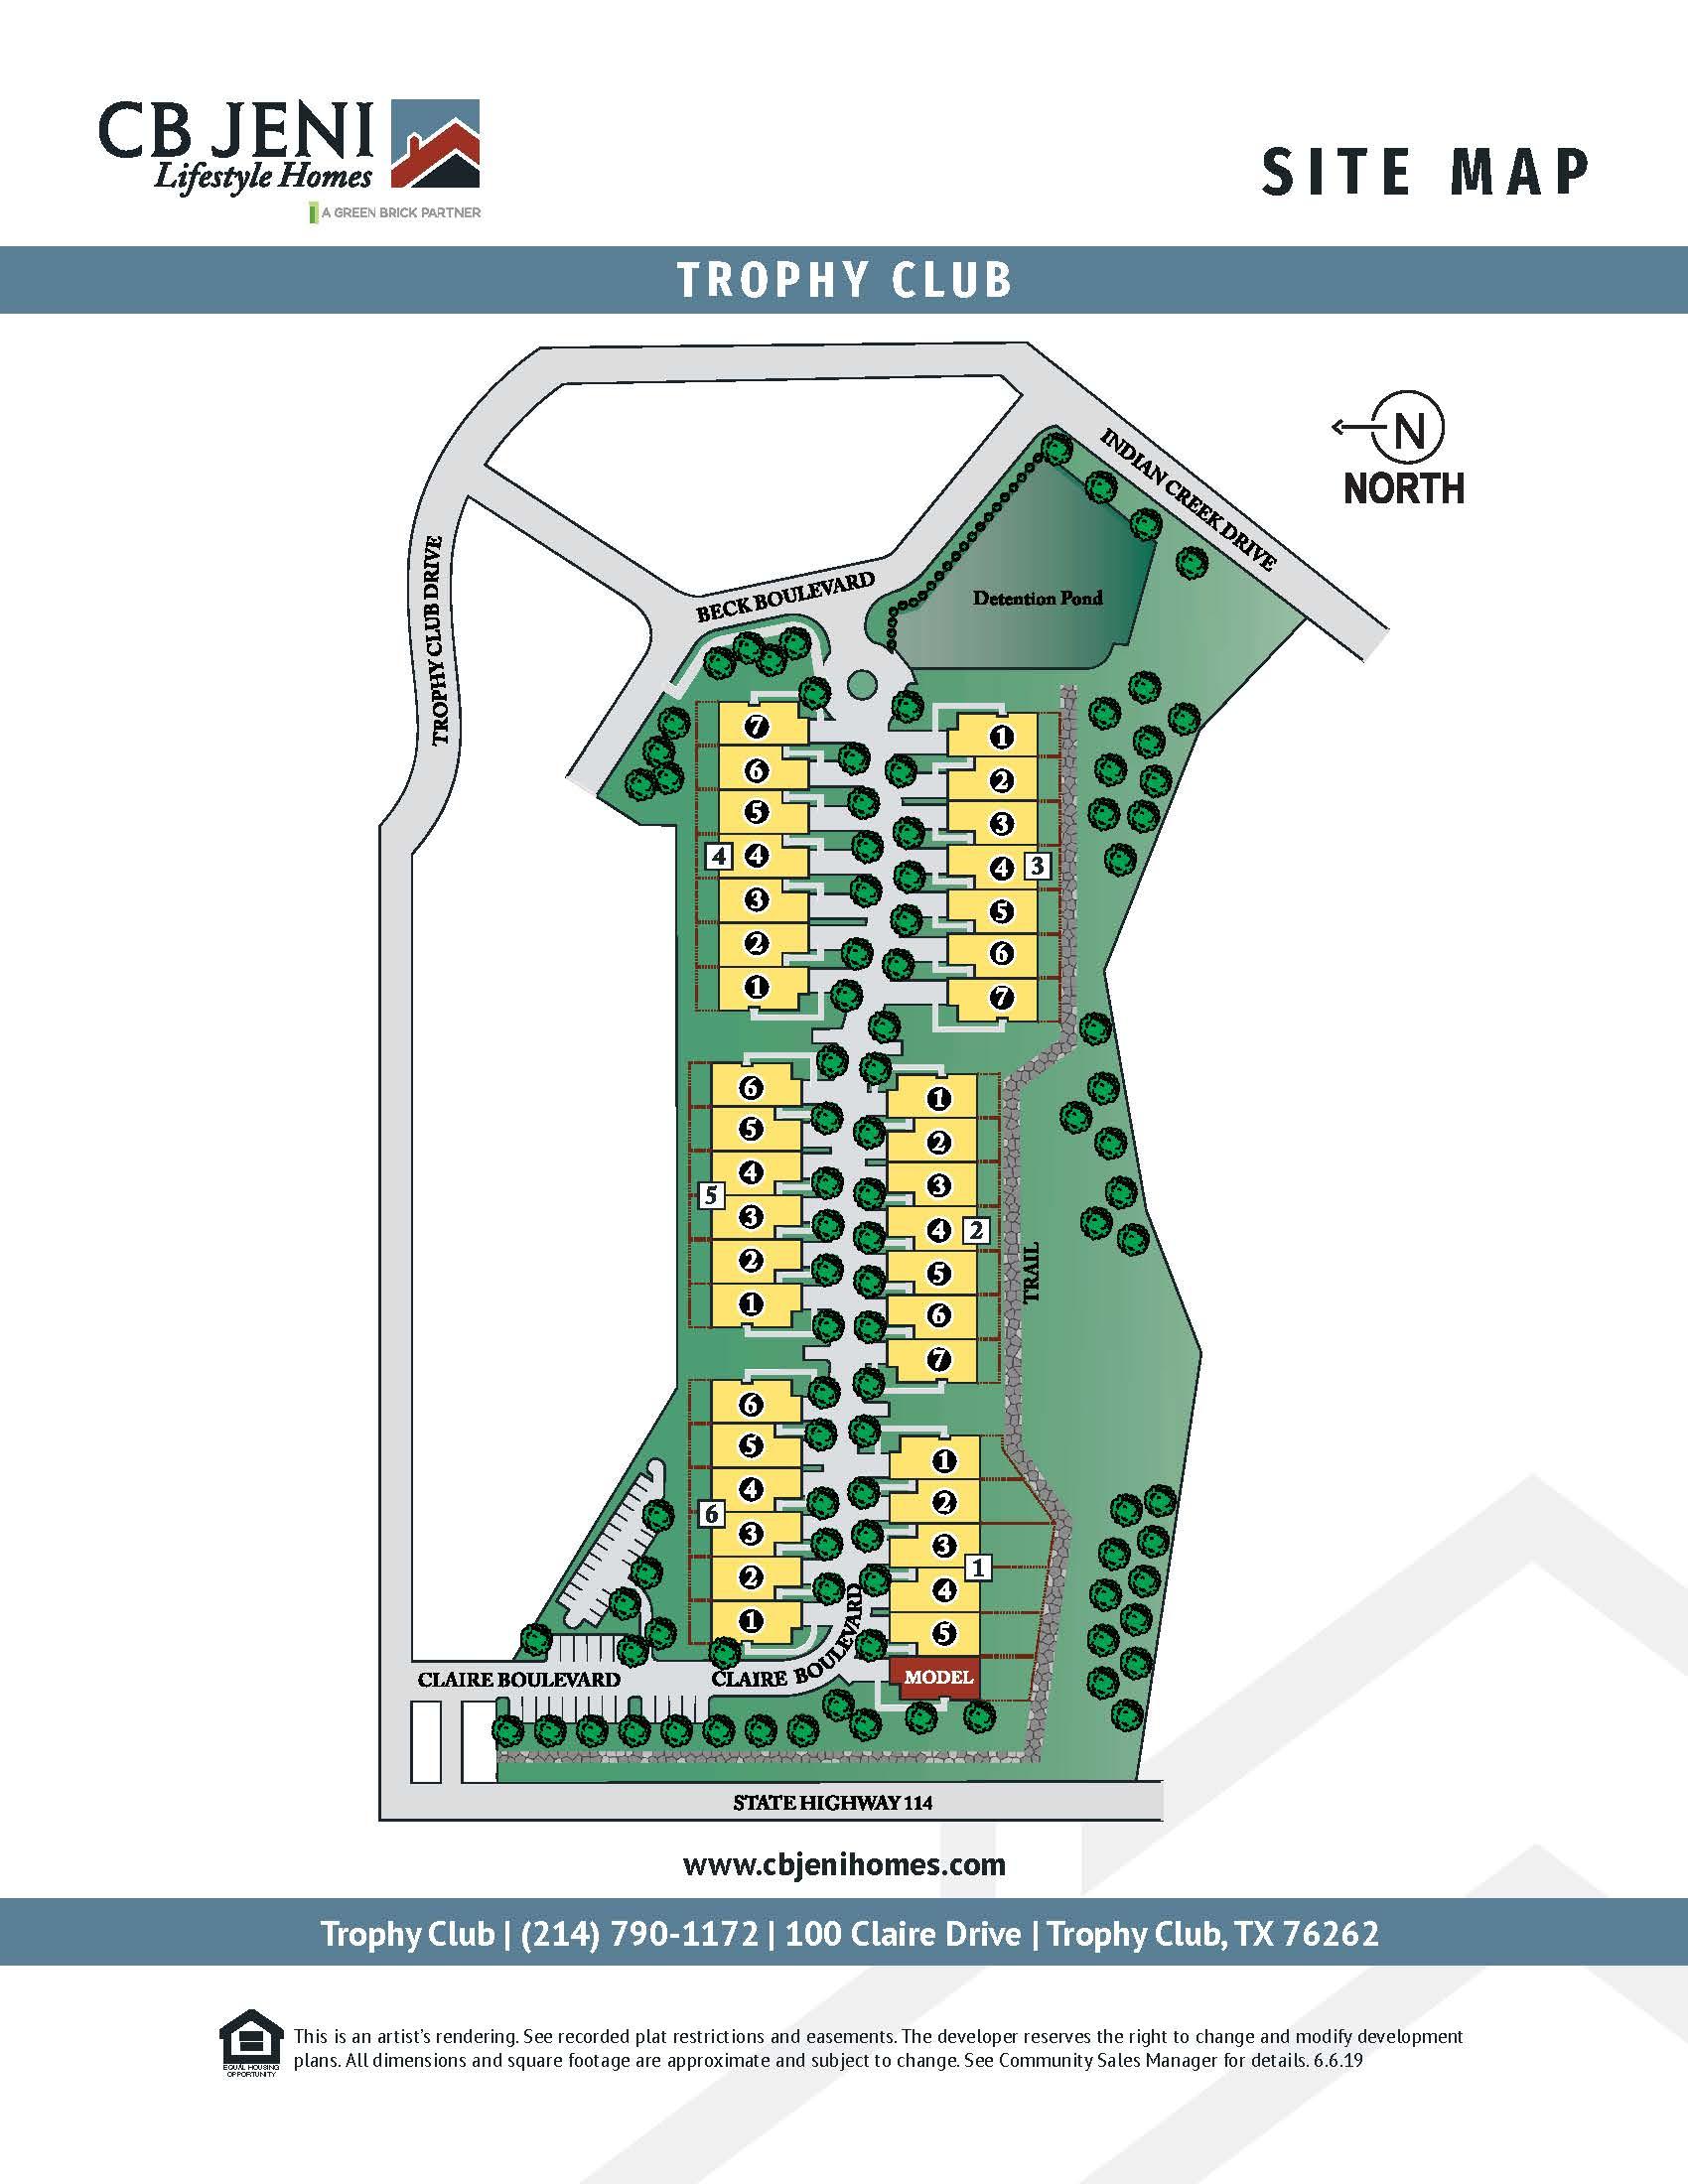 Trophy Club Site Map